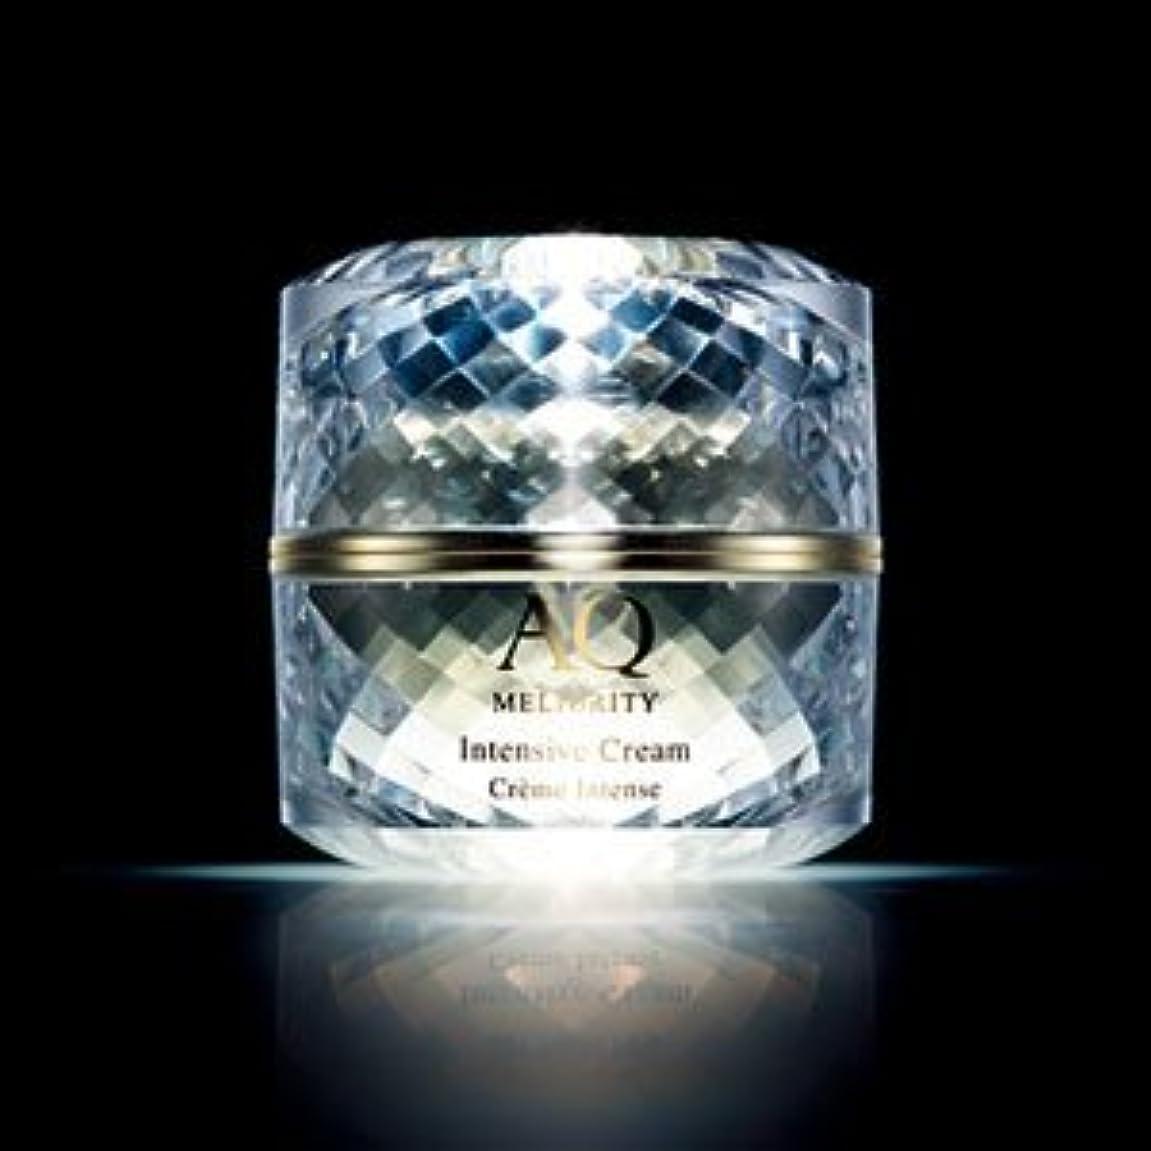 小さい白い不安定なコスメデコルテ AQ ミリオリティ インテンシブクリーム 45g【箱凹み等】